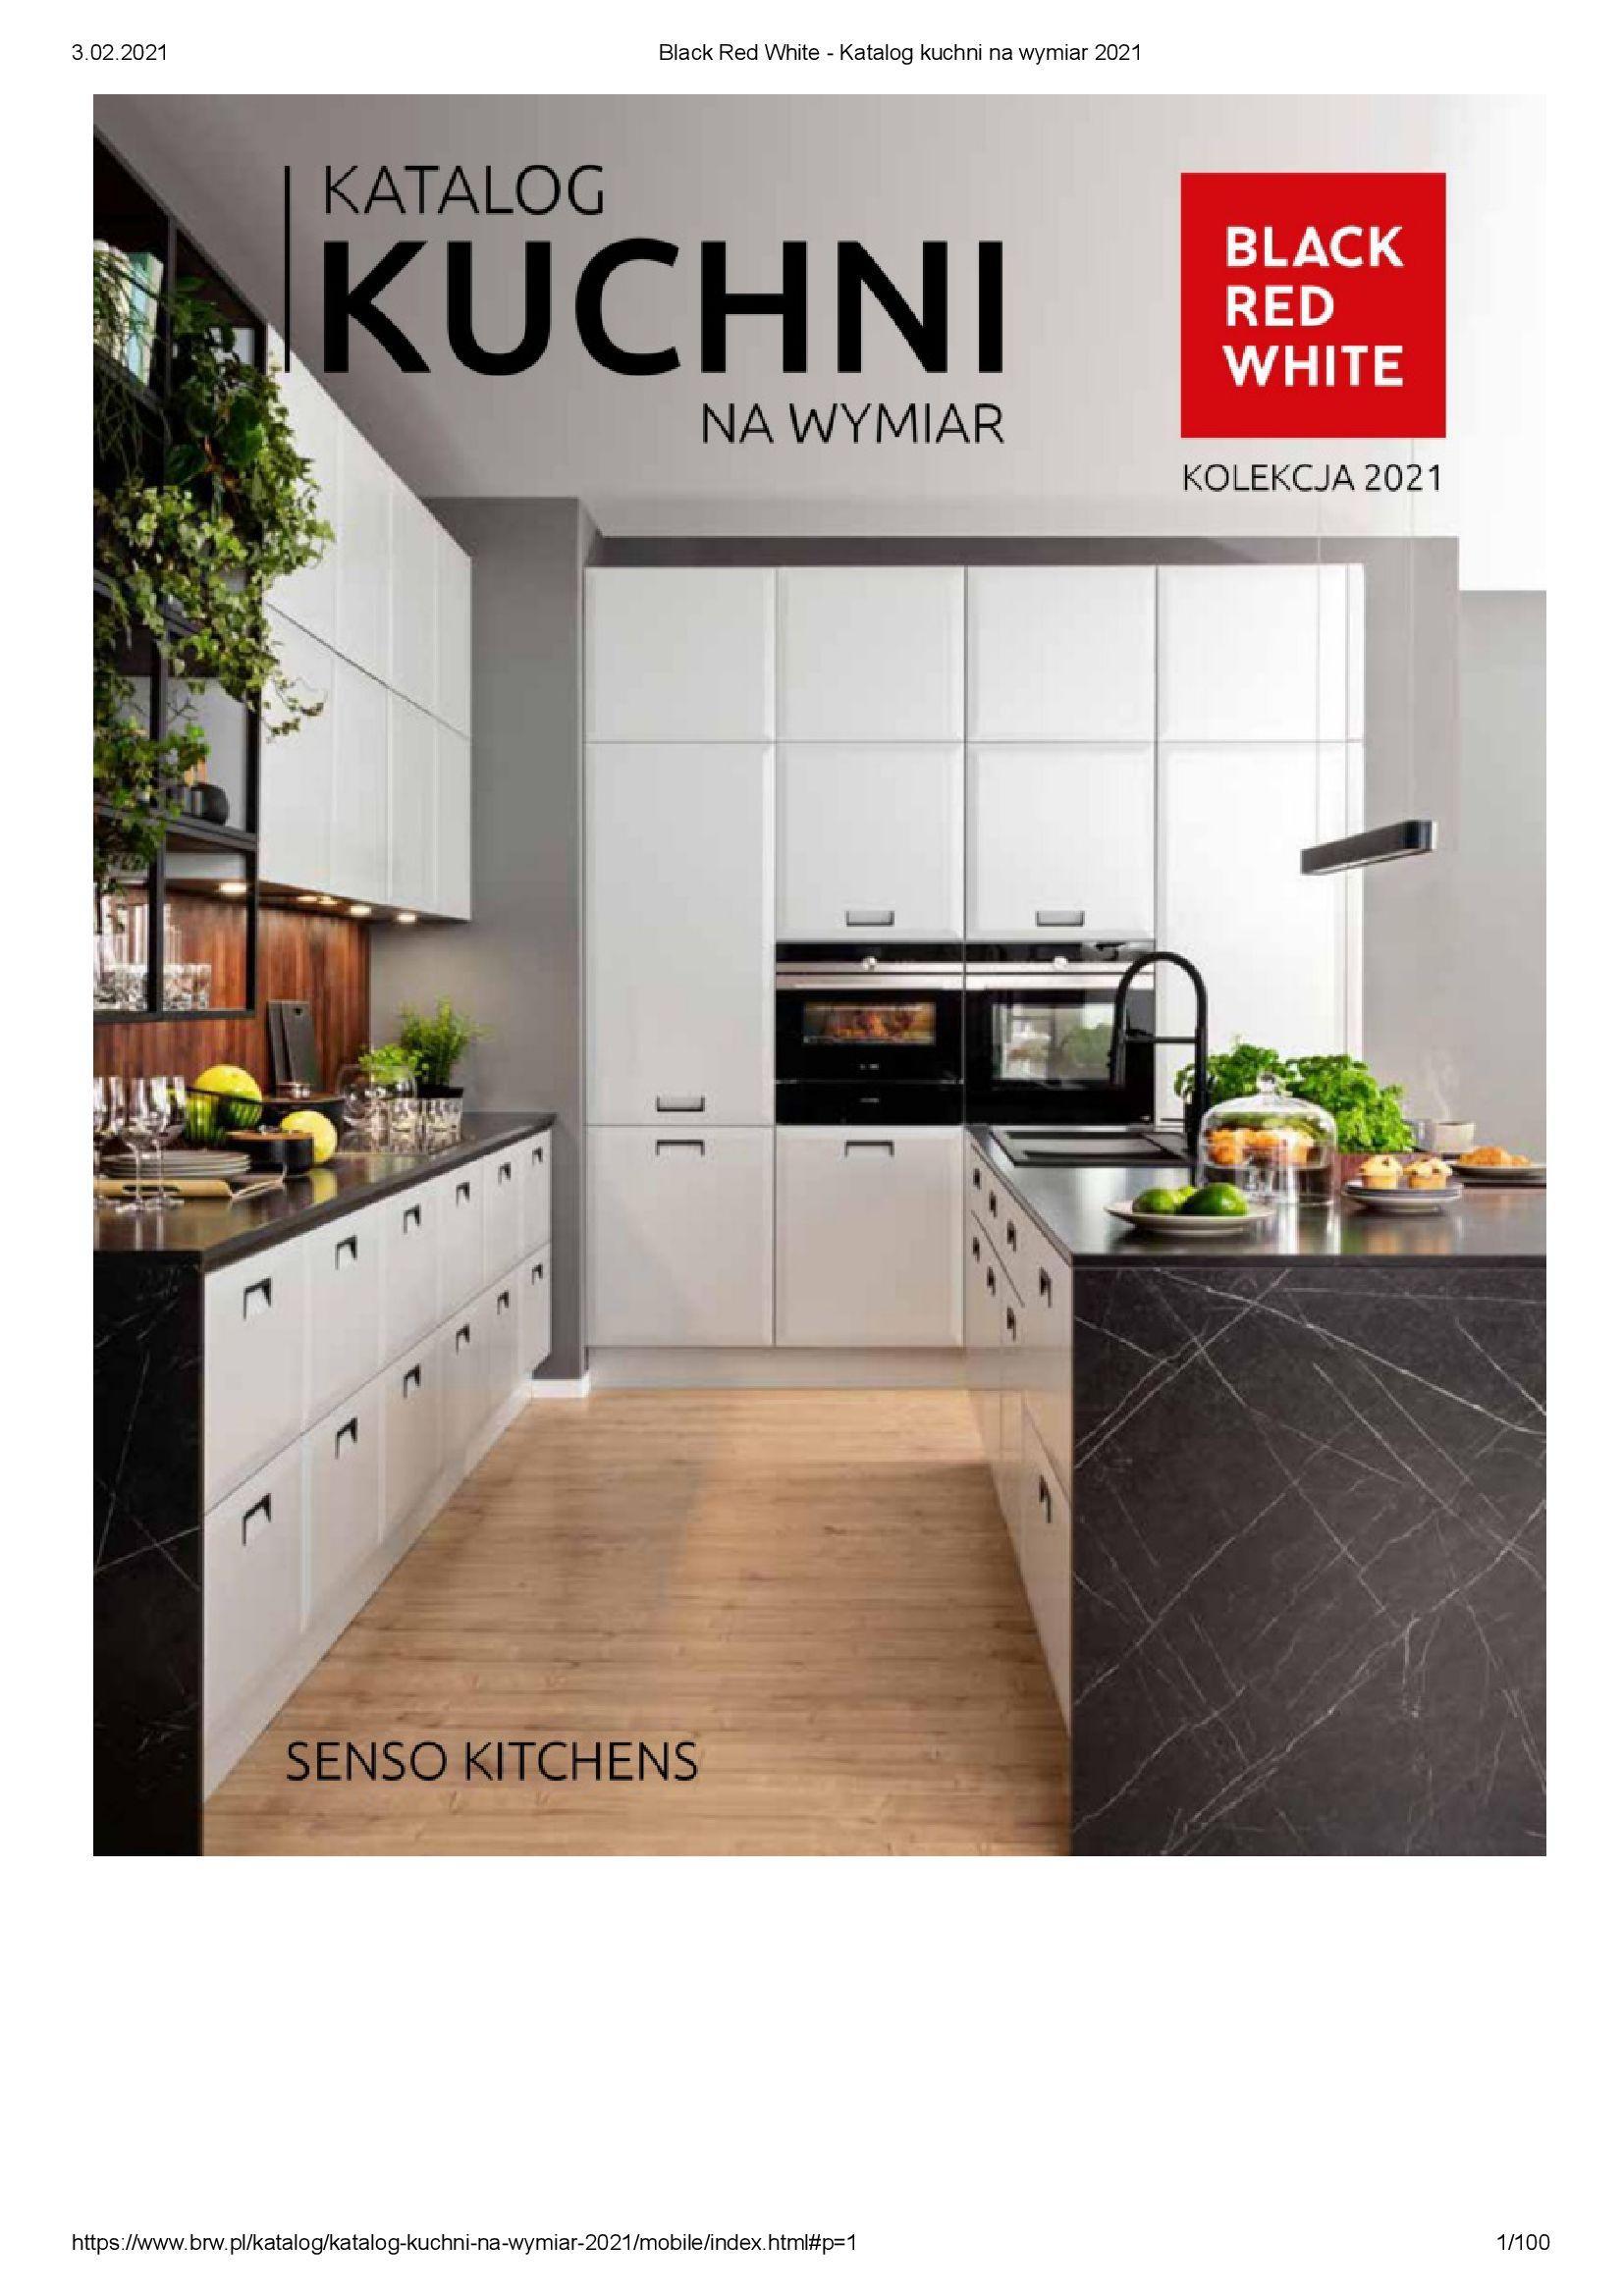 Black Red White:  Katalog - Kuchnie na wymiar Senso Kitchens 2021 31.12.2020